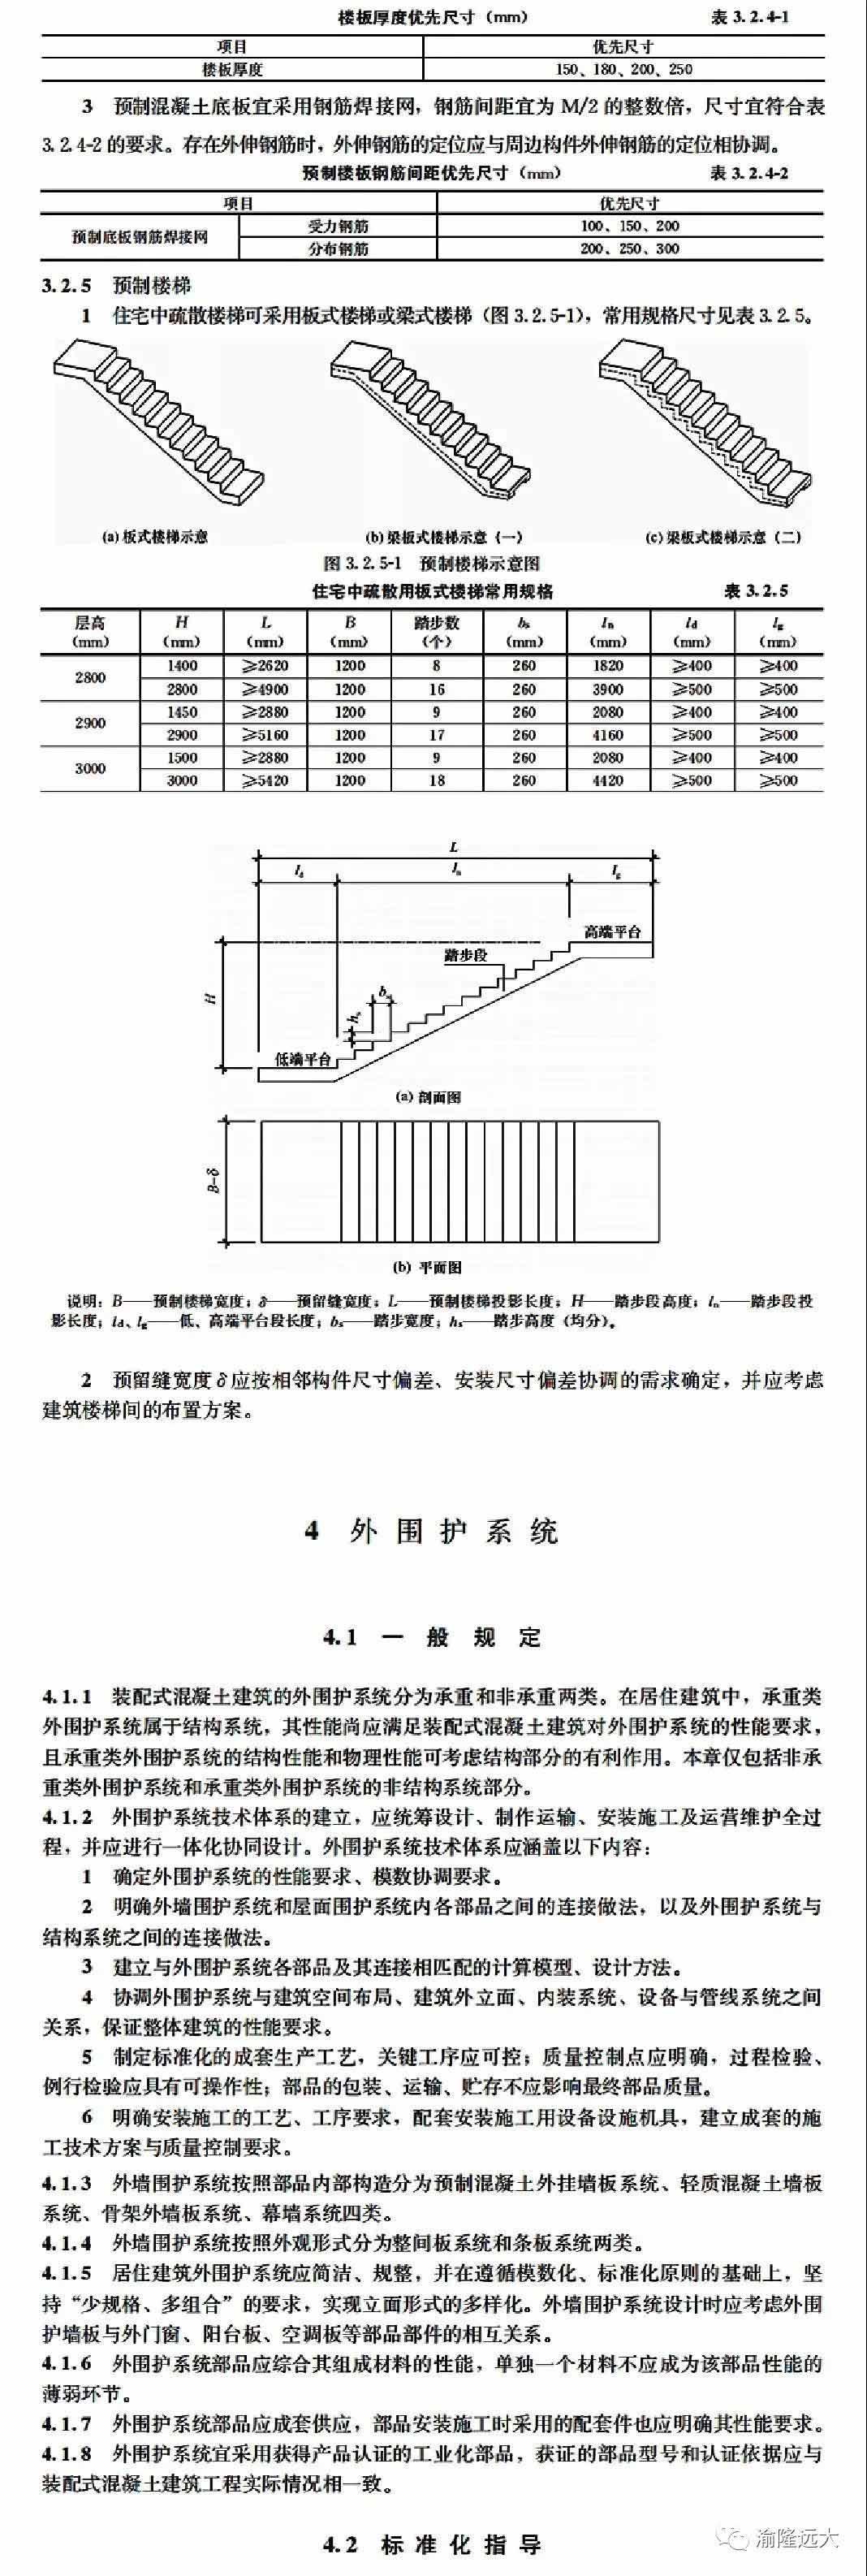 住建部发布《装配式混凝土建筑技术体系发展指南(居住建筑)》